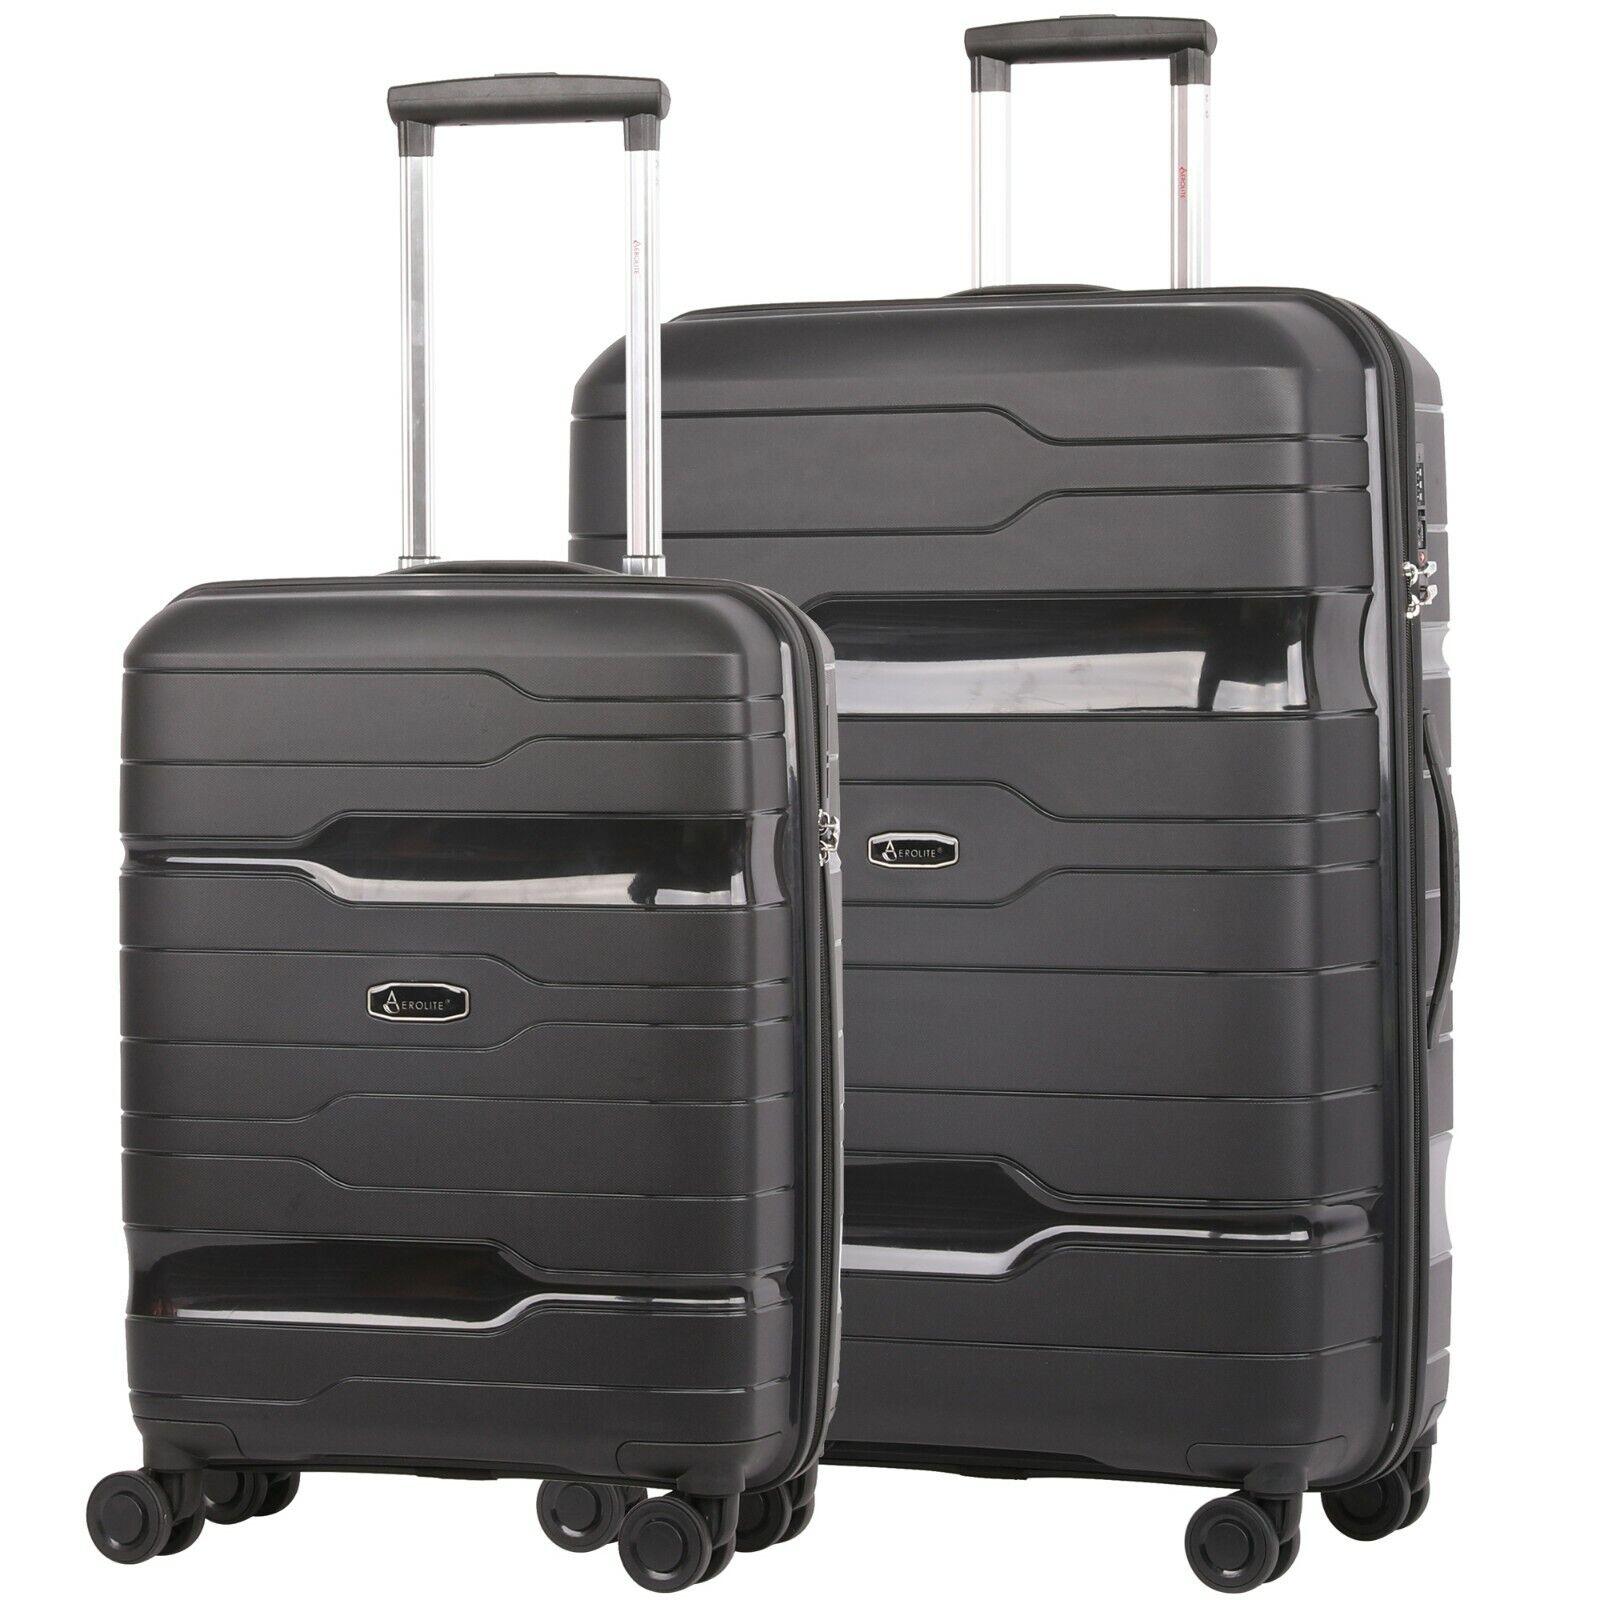 Aerolite Premium Rigida Valigia & Carry On Mano Cabina Tenere Bagaglio 2 Pz Set